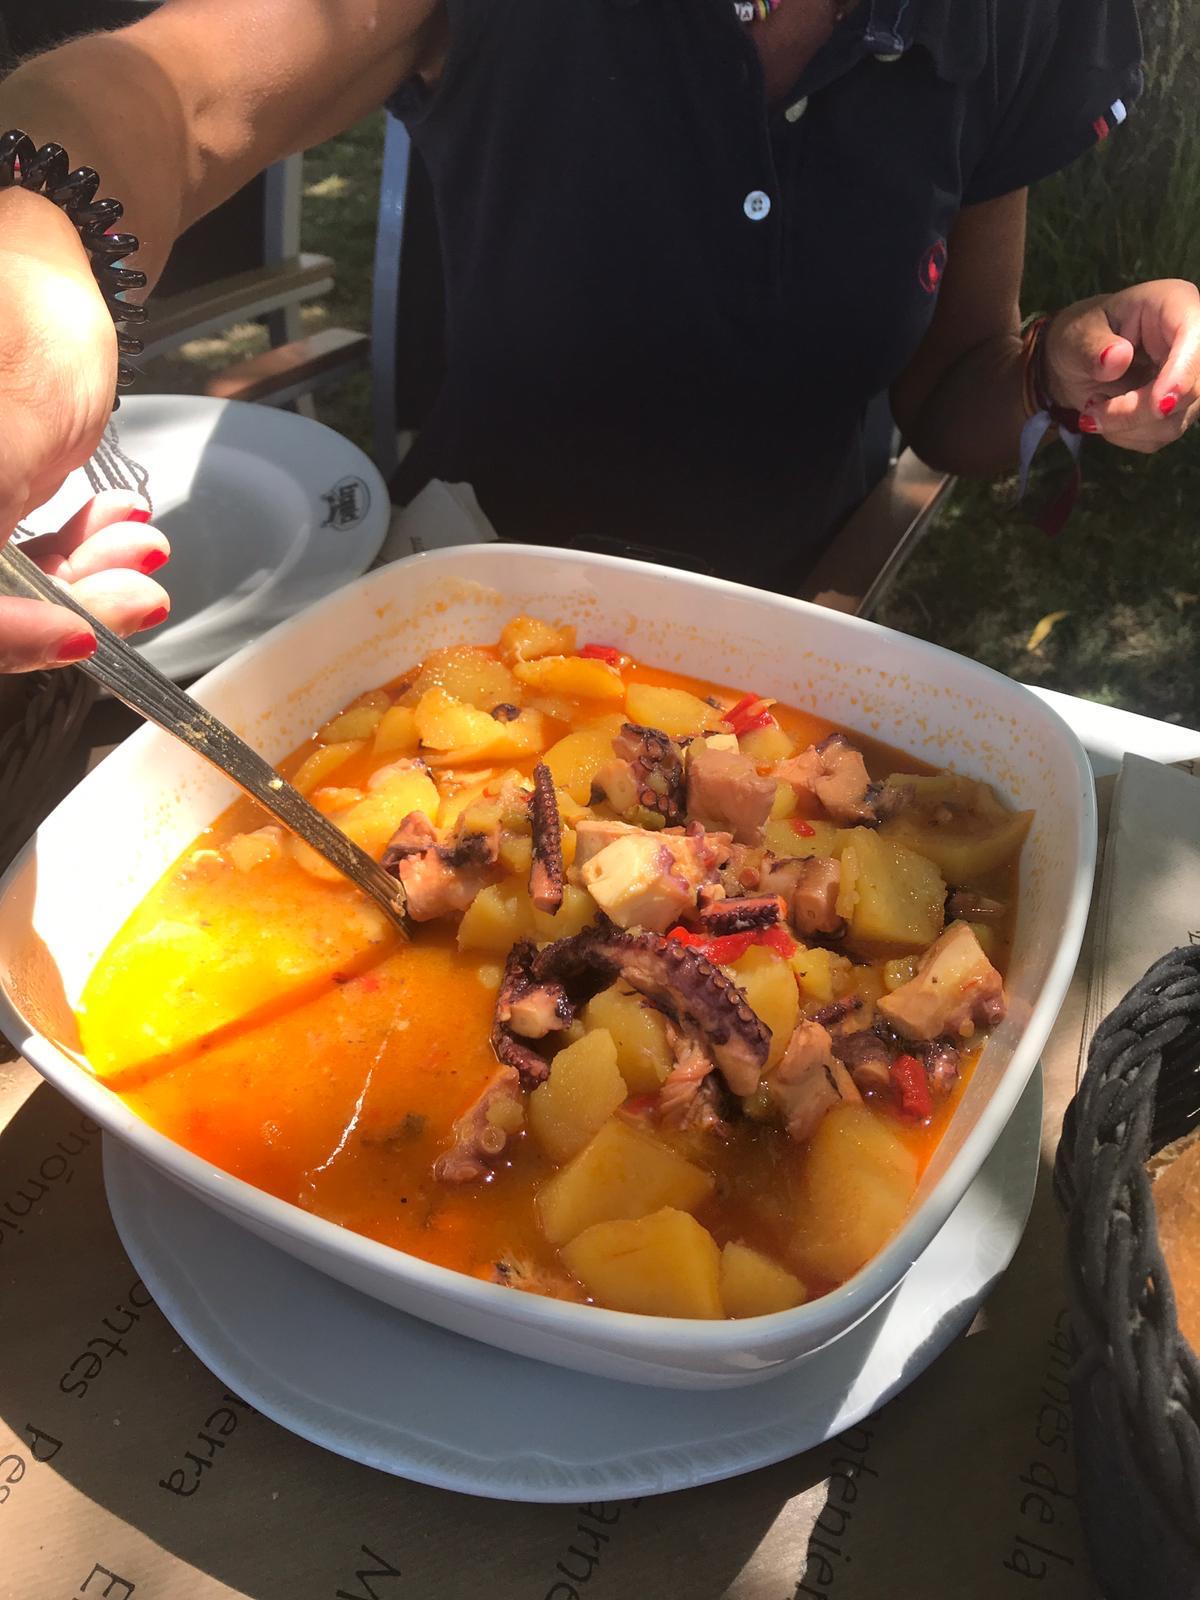 Ezequiel II, bacanal gastronómica en la montaña leonesa 2